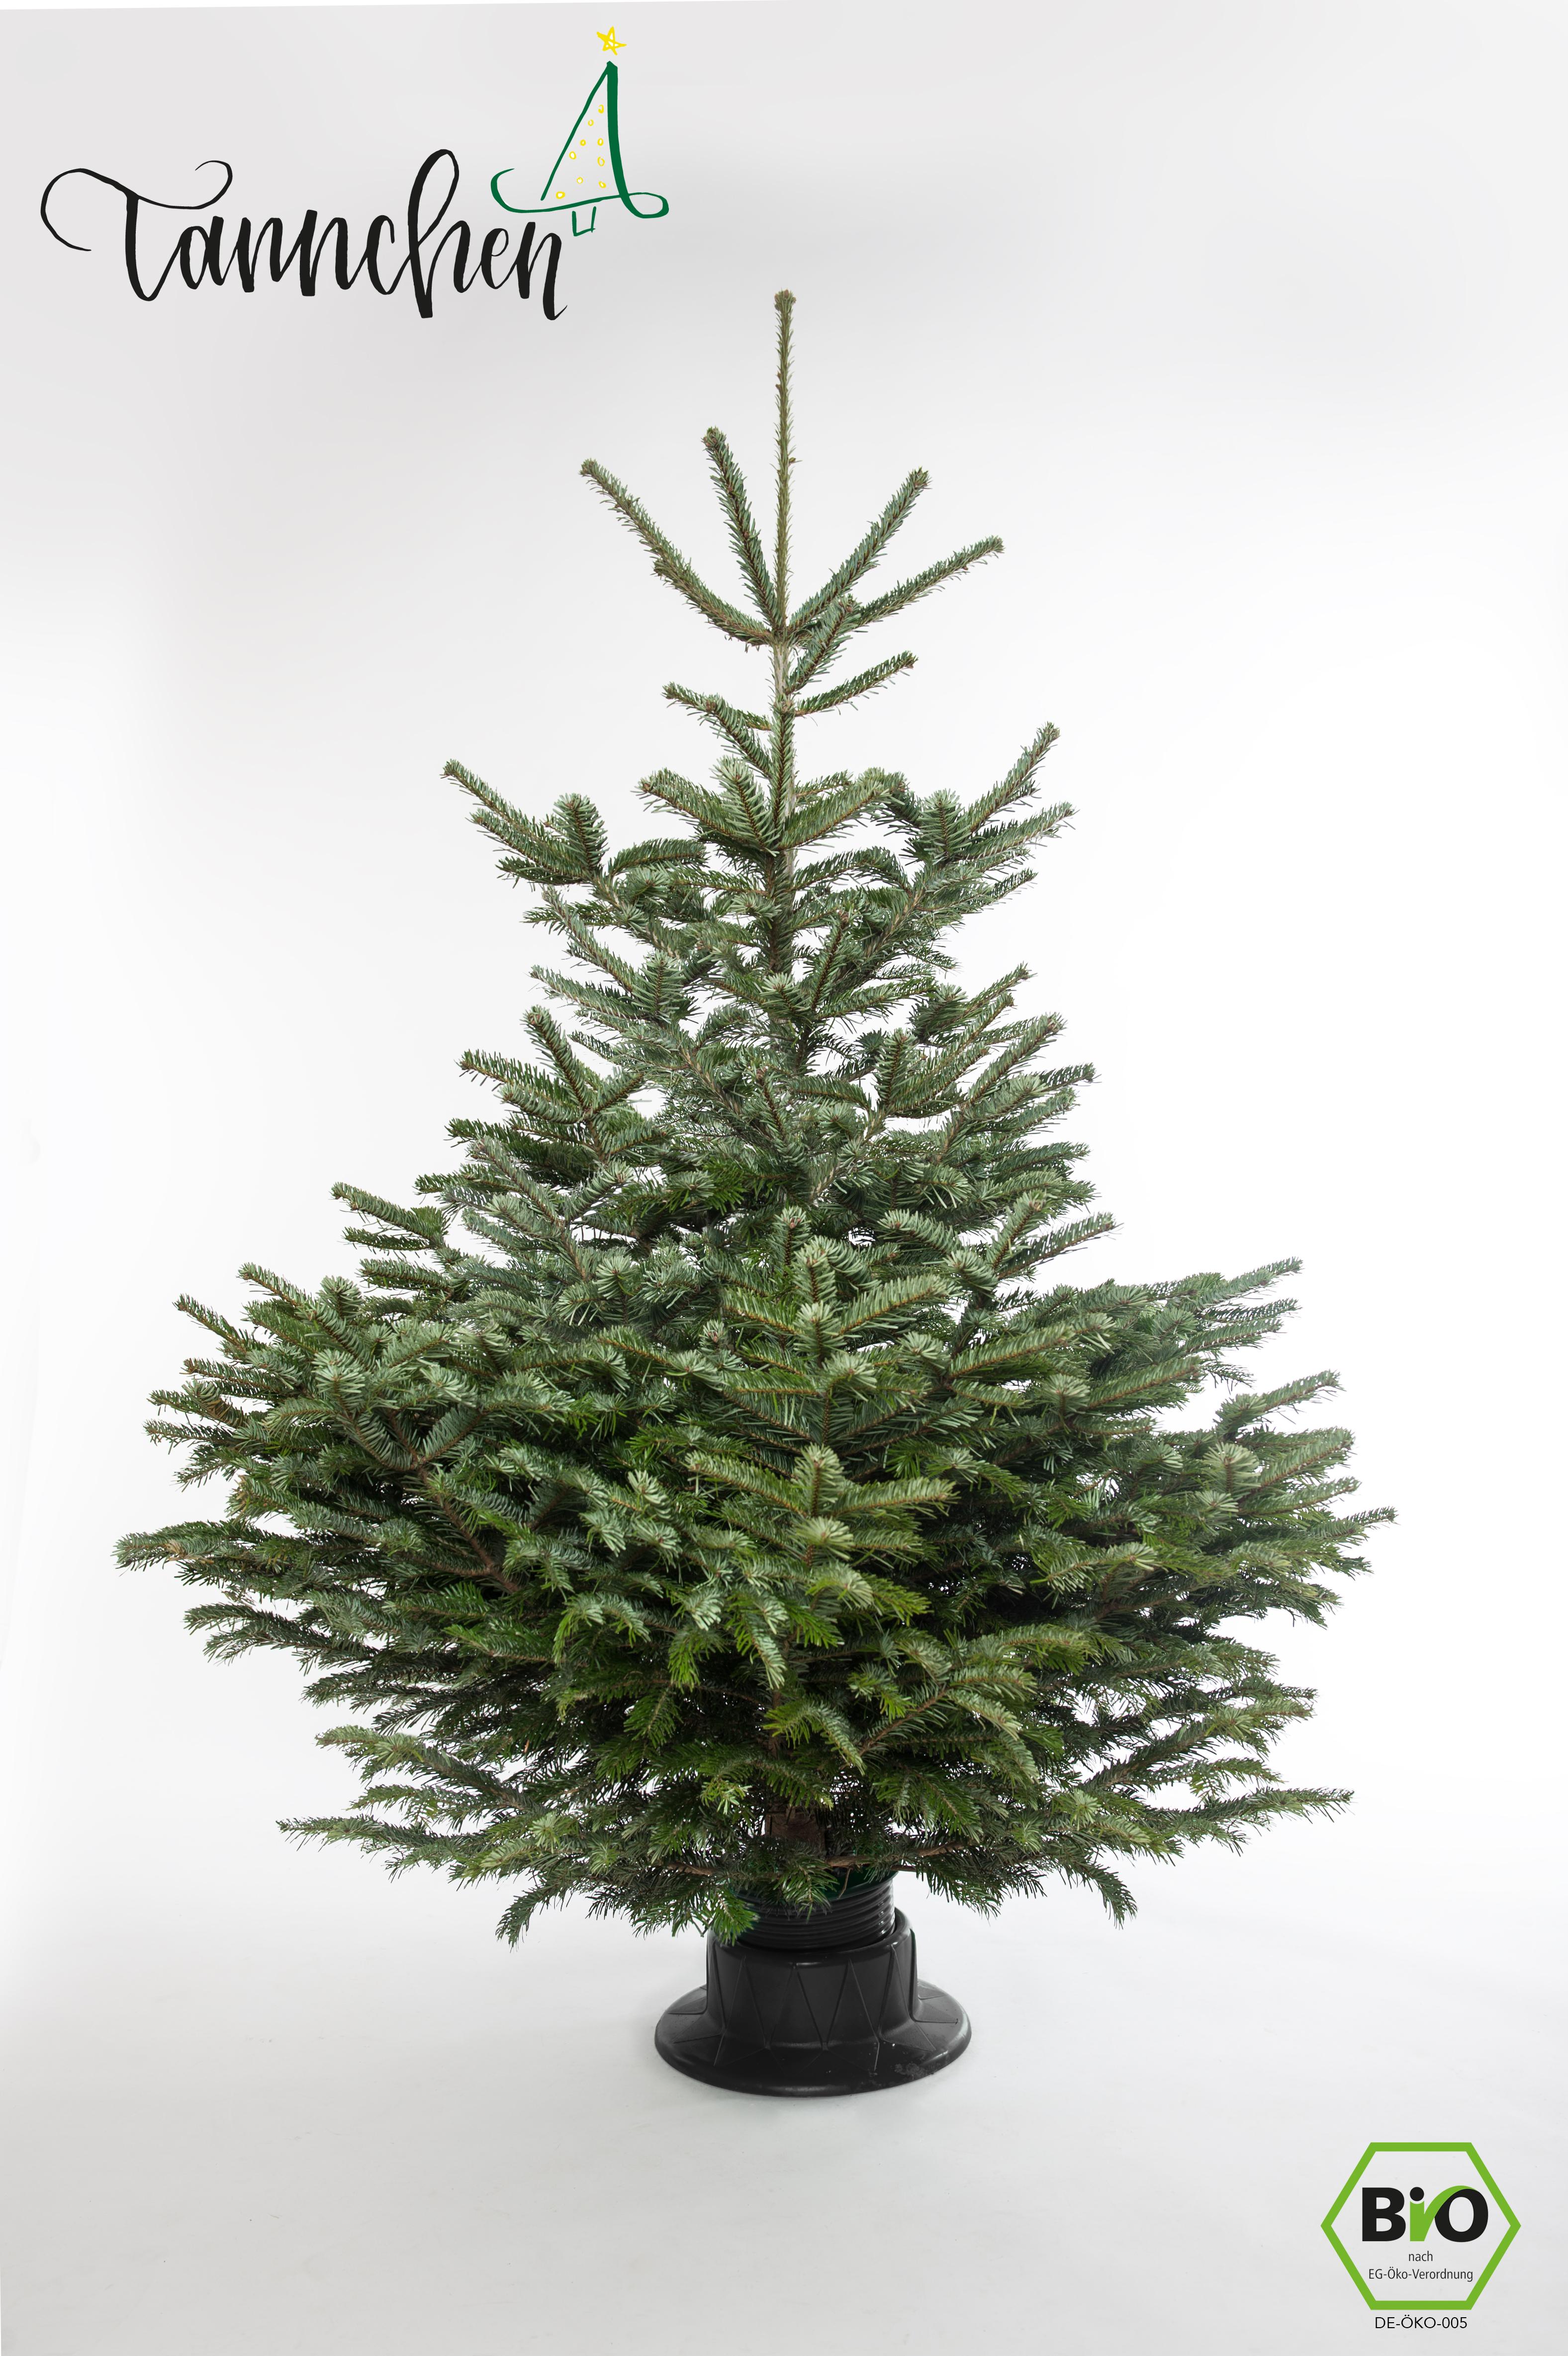 Bis Wann Bleibt Der Weihnachtsbaum Stehen.So Stellen Sie Ihren Weihnachtsbaum Auf Und Halten Ihn Frisch Das